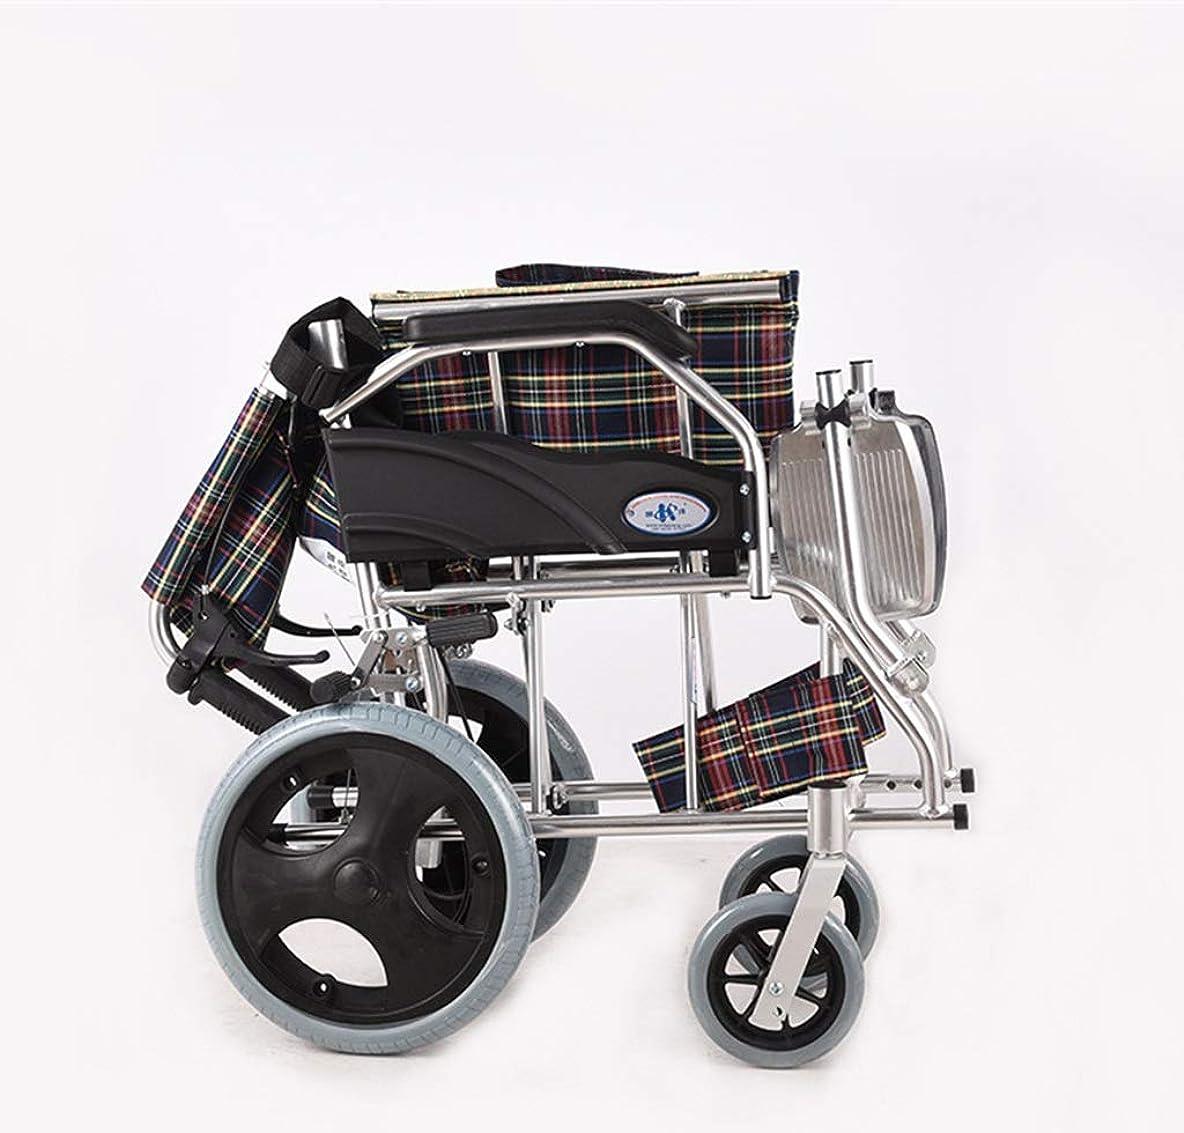 ボイコット素子石化する車椅子折りたたみ式、障害者用スクーター、高齢者屋外旅行車椅子トロリー